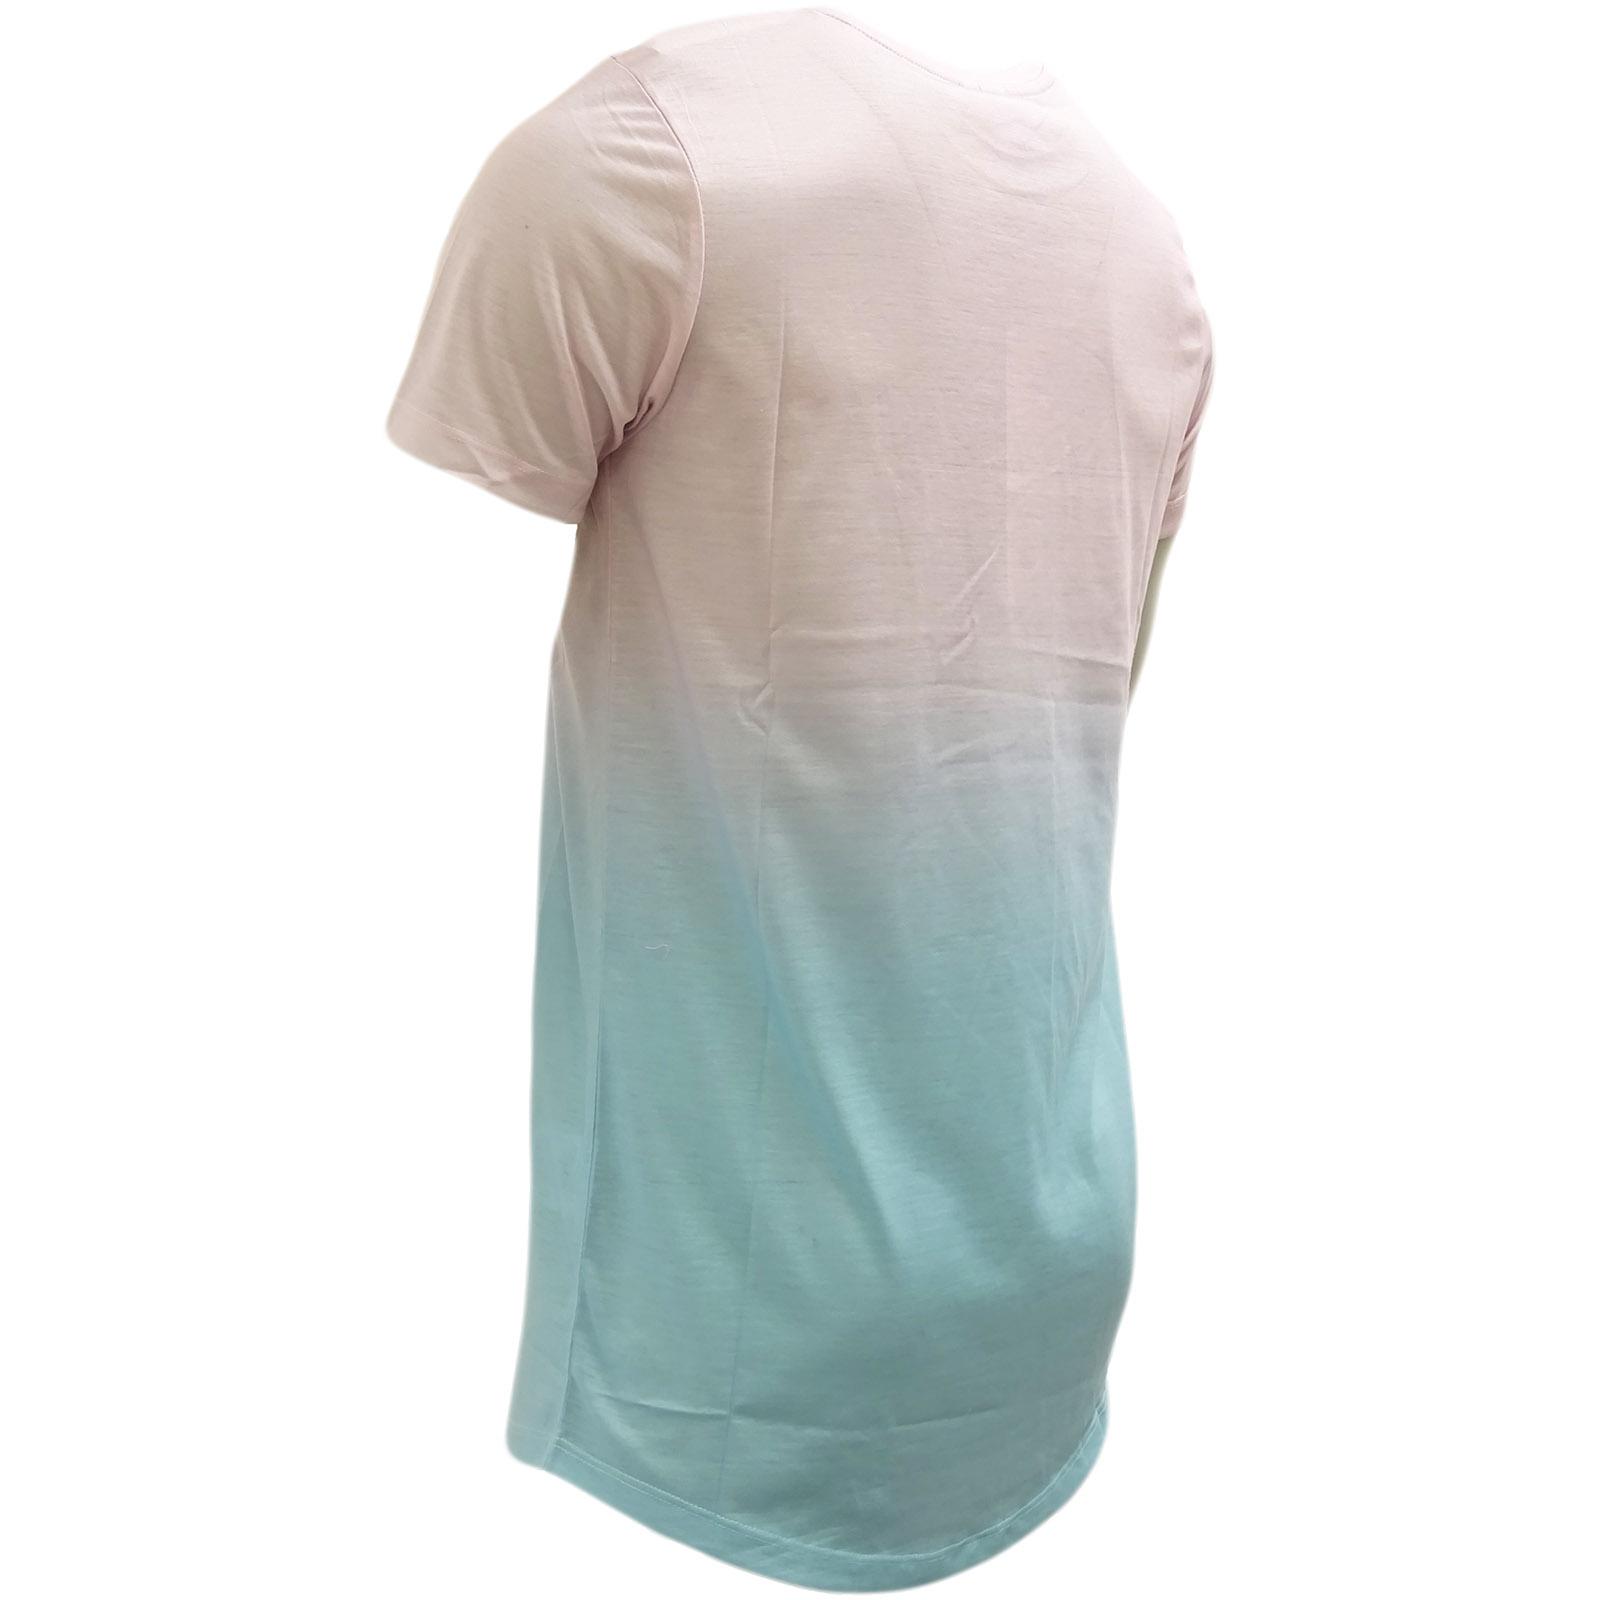 Mens T-Shirts by Hype (Bubblegum (Bubblegum (Bubblegum Fade) | Zu verkaufen  | Ich kann es nicht ablegen  eda7b8